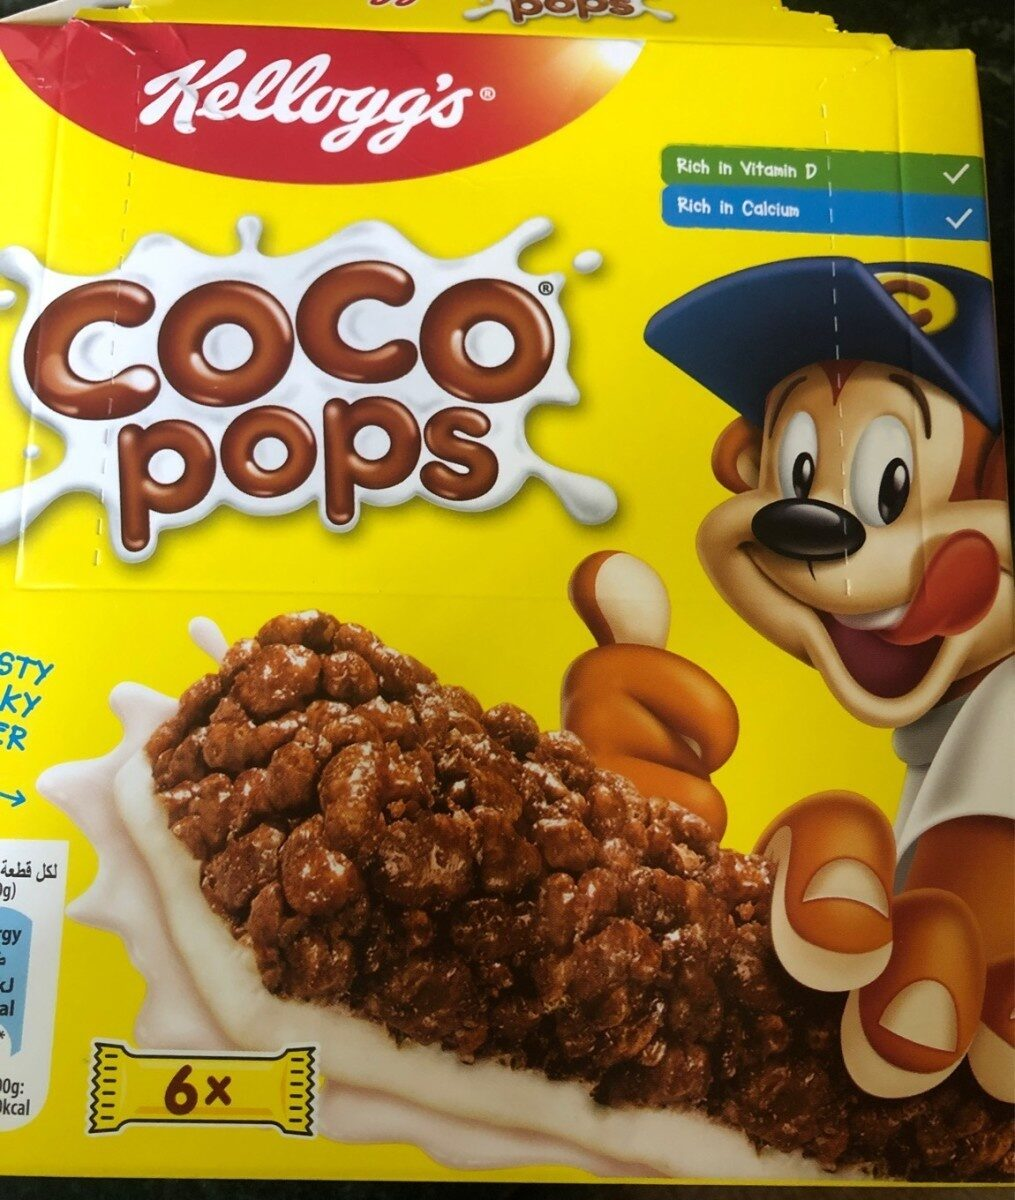 Barre de cereales coco pops - Produit - fr